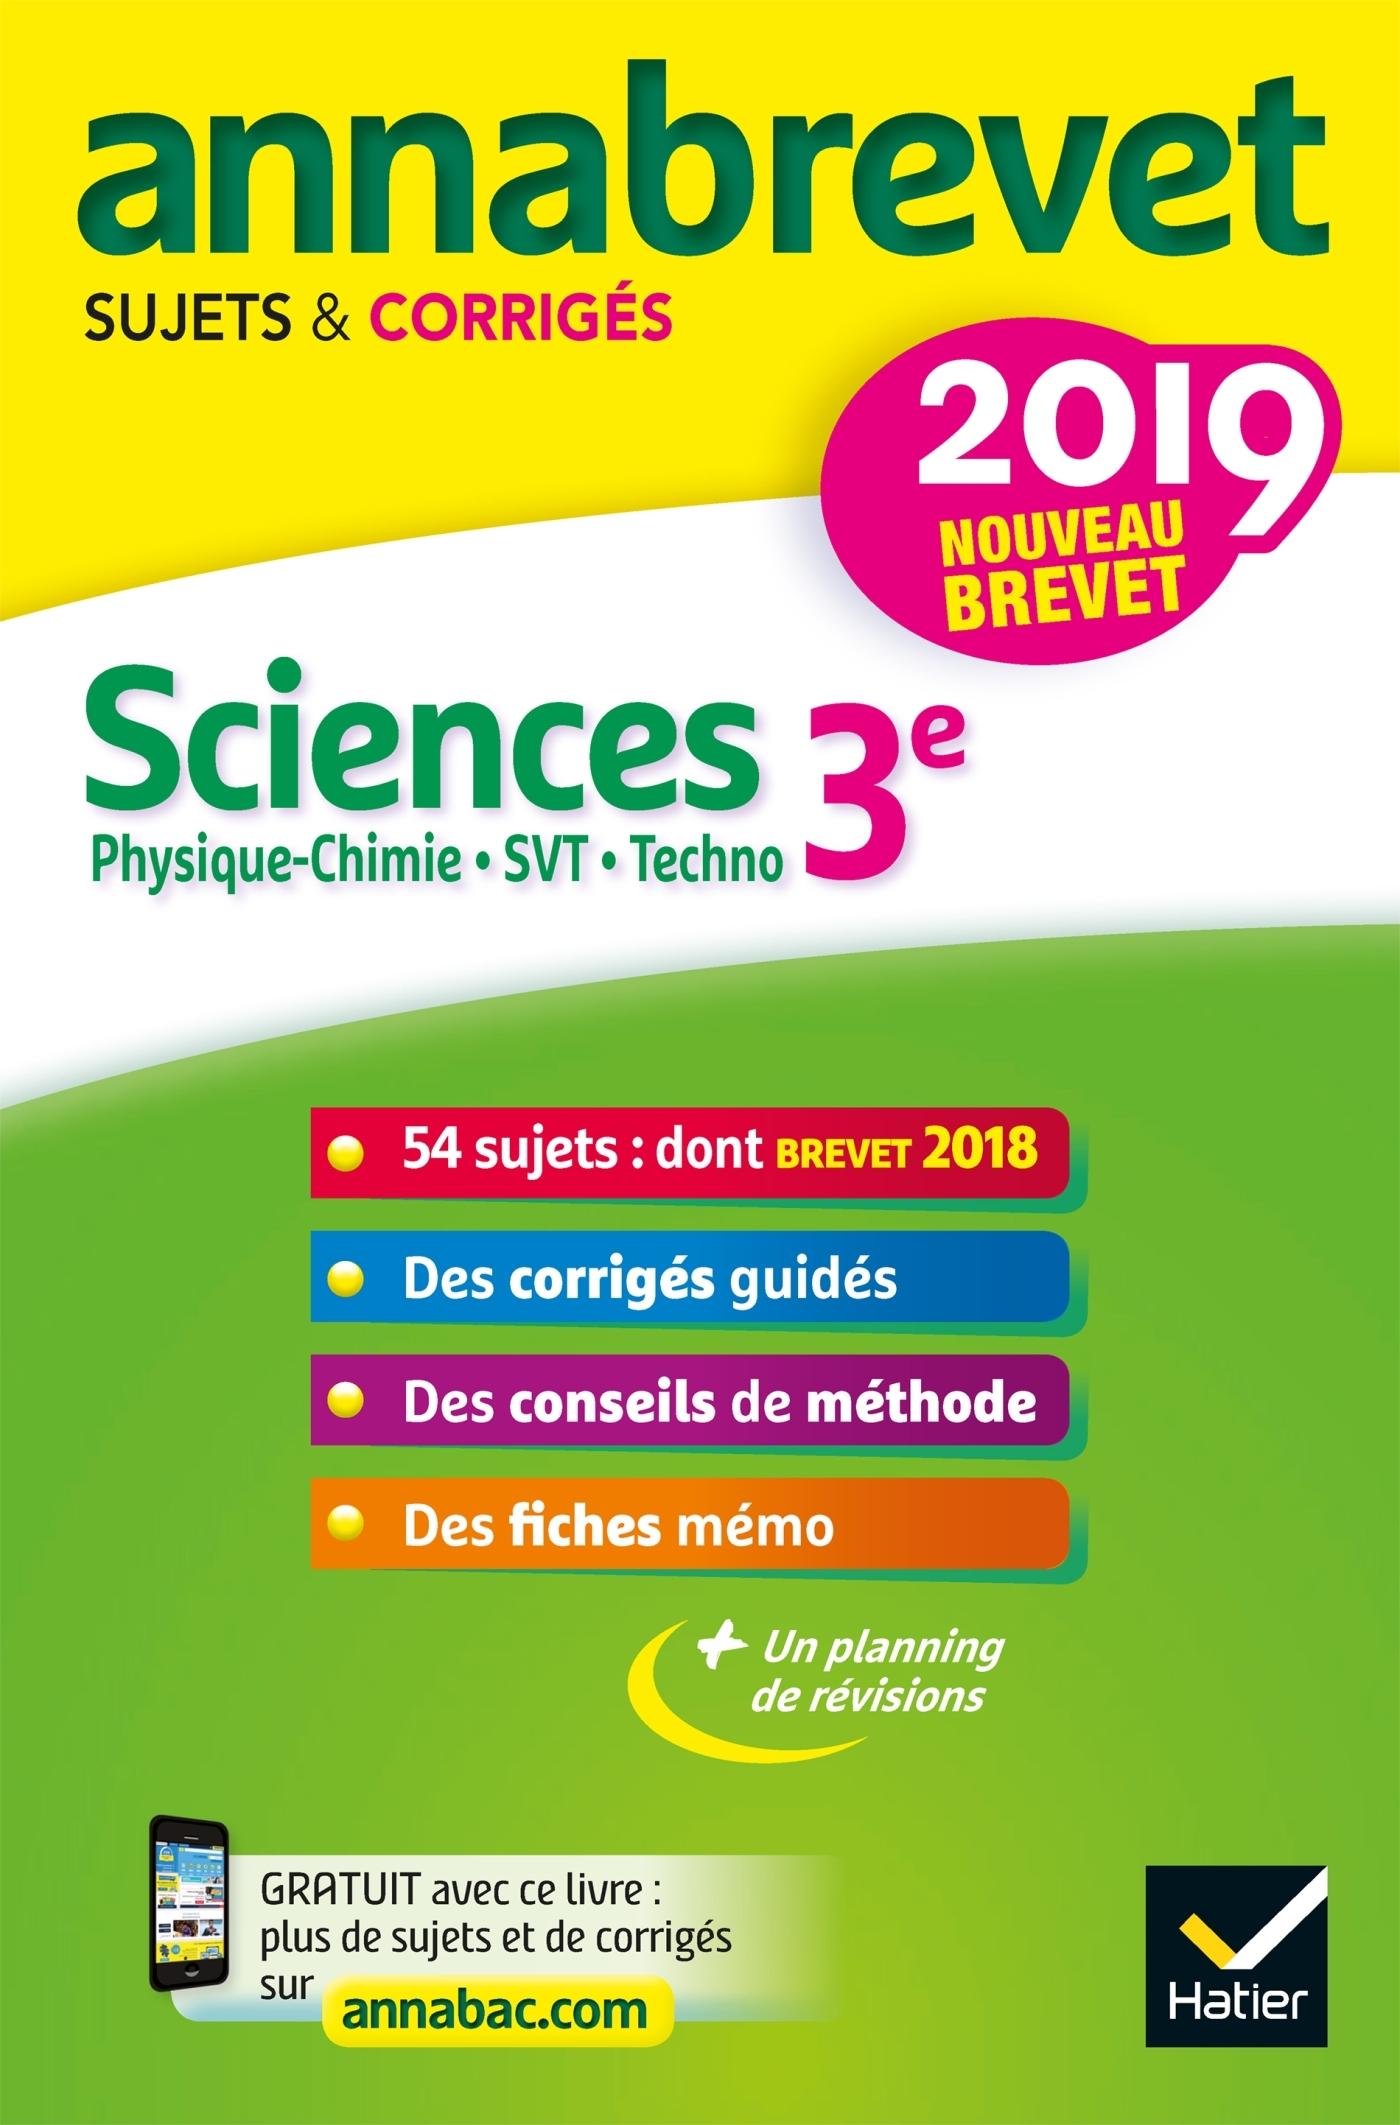 ANNALES DU BREVET ANNABREVET 2019 SCIENCES (PHYSIQUE-CHIMIE SVT TECHNOLOGIE) 3E - 54 SUJETS CORRIGES